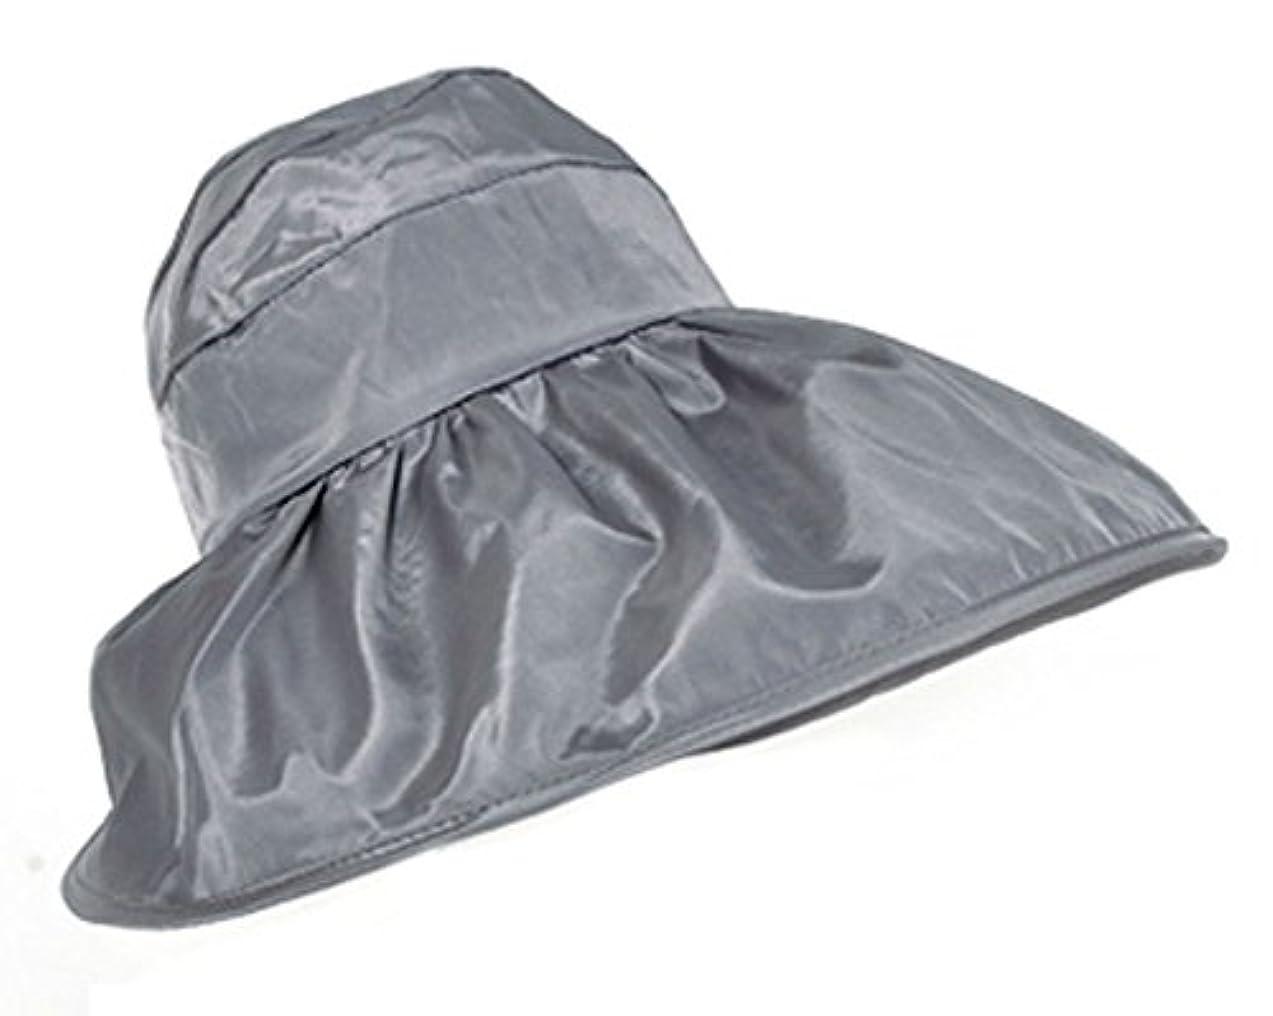 ふける部門哲学博士FakeFace 夏 レディース 帽子 UVカット サンバイザー 紫外線対策 日よけ帽子 つば広 オシャレ ケープ ハット 日よけ 折りたたみ 防水 カジュアル 海 農作業 ぼうし サイズ調節可